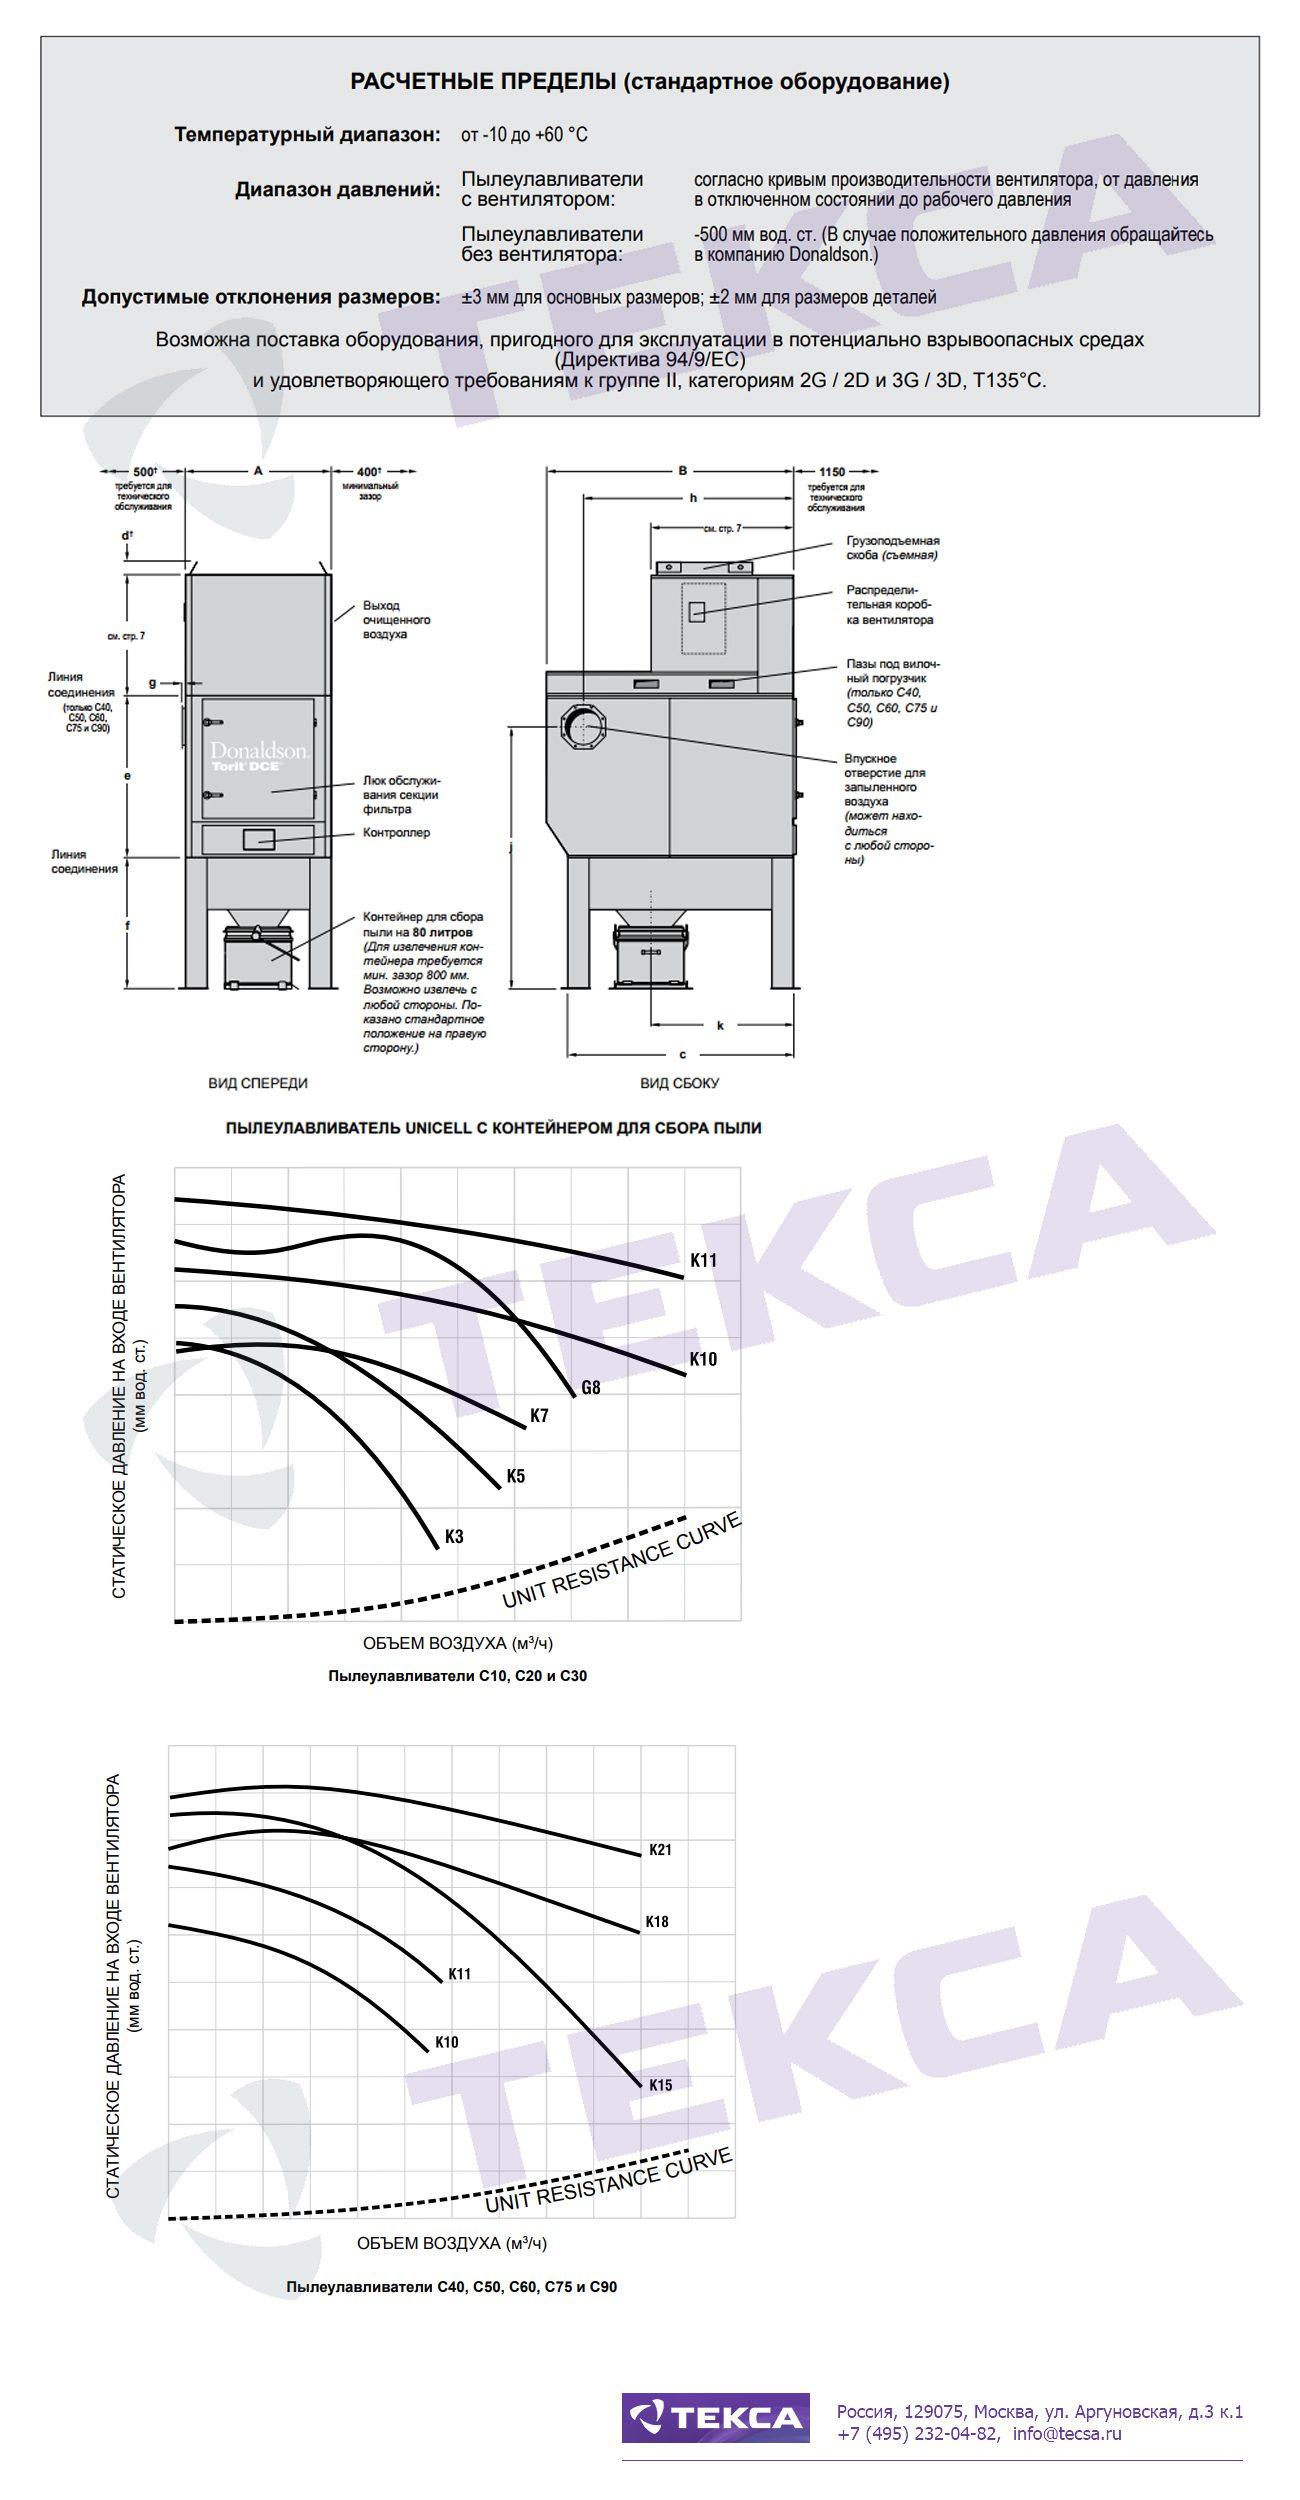 Технические характеристики картриджных пылеулавливателей серии Unicell